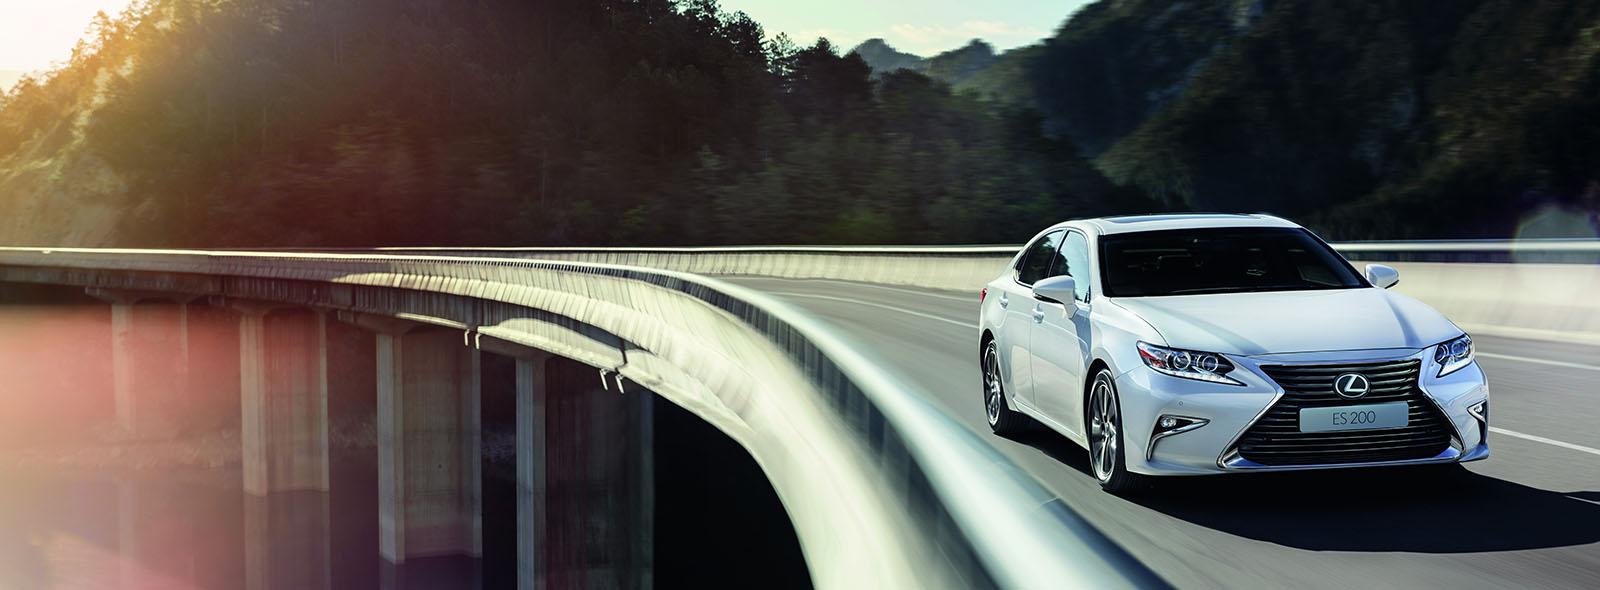 Սպիտակ մարգարտափայլով Lexus ES 200 կամրջի վրա